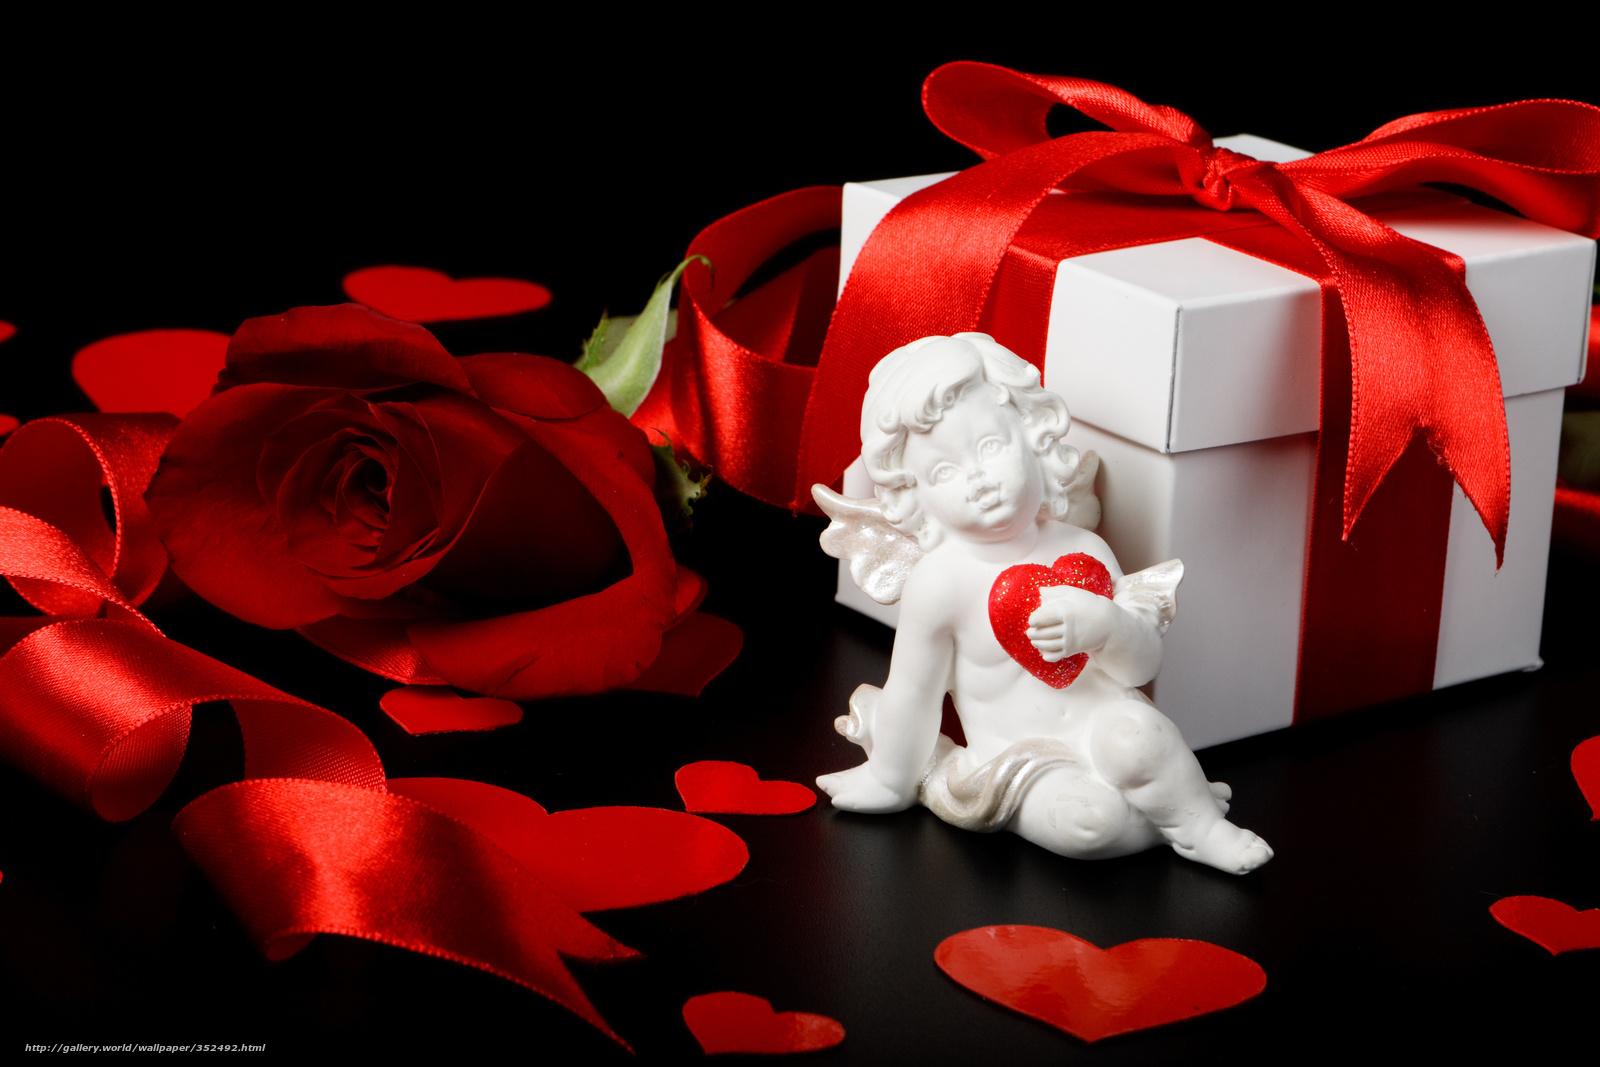 Скачать обои подарок, коробка, лента, роза бесплатно для рабочего